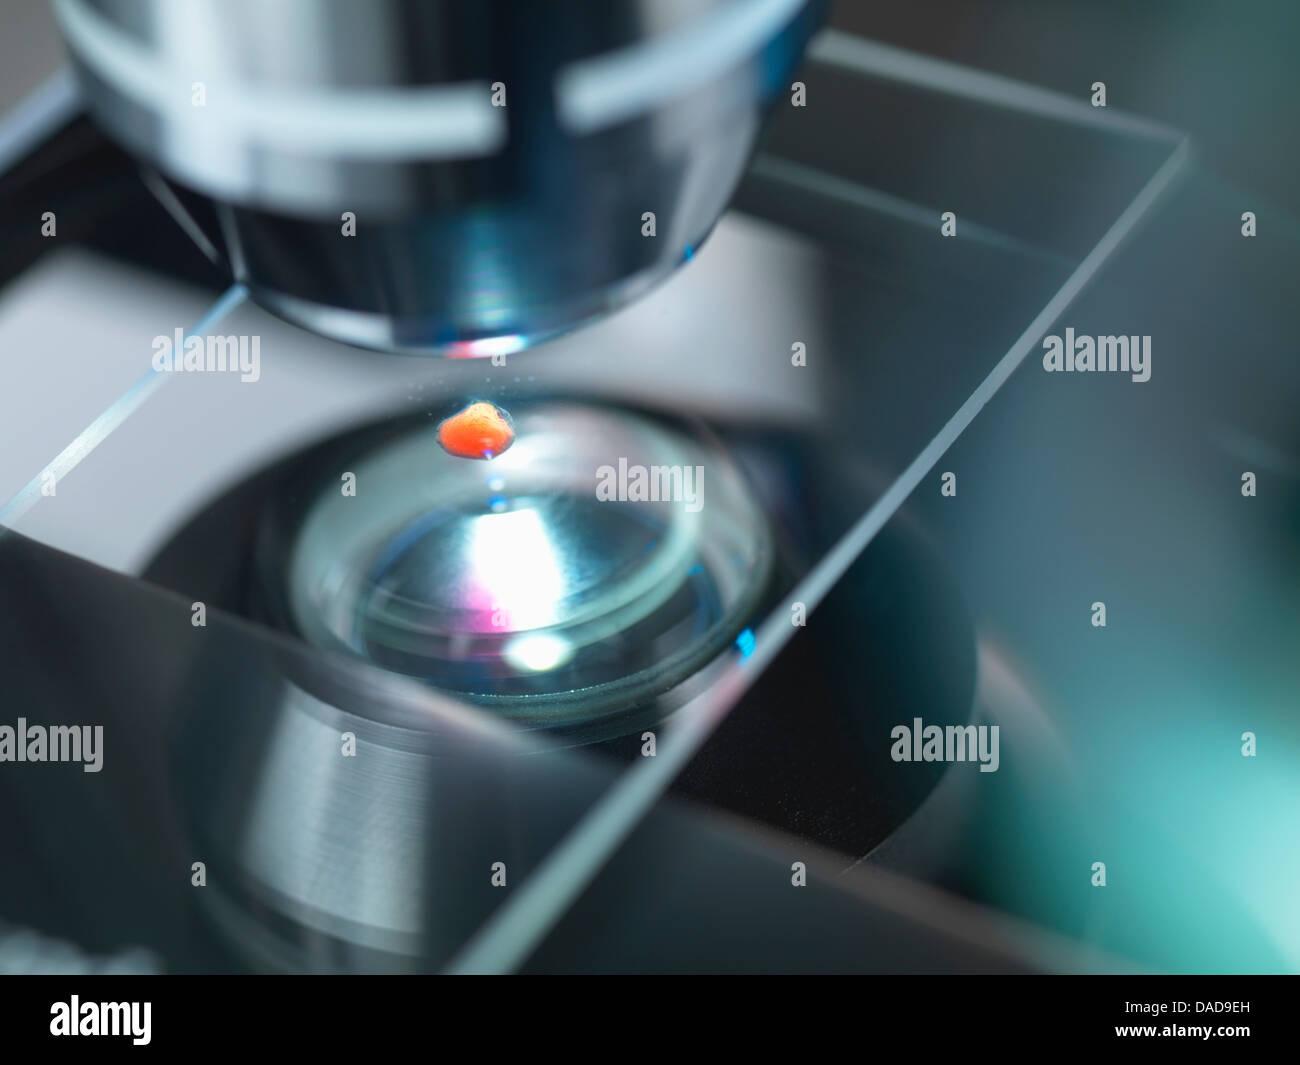 Un microscope optique de l'examen d'un échantillon en laboratoire pour la recherche pharmaceutique Photo Stock